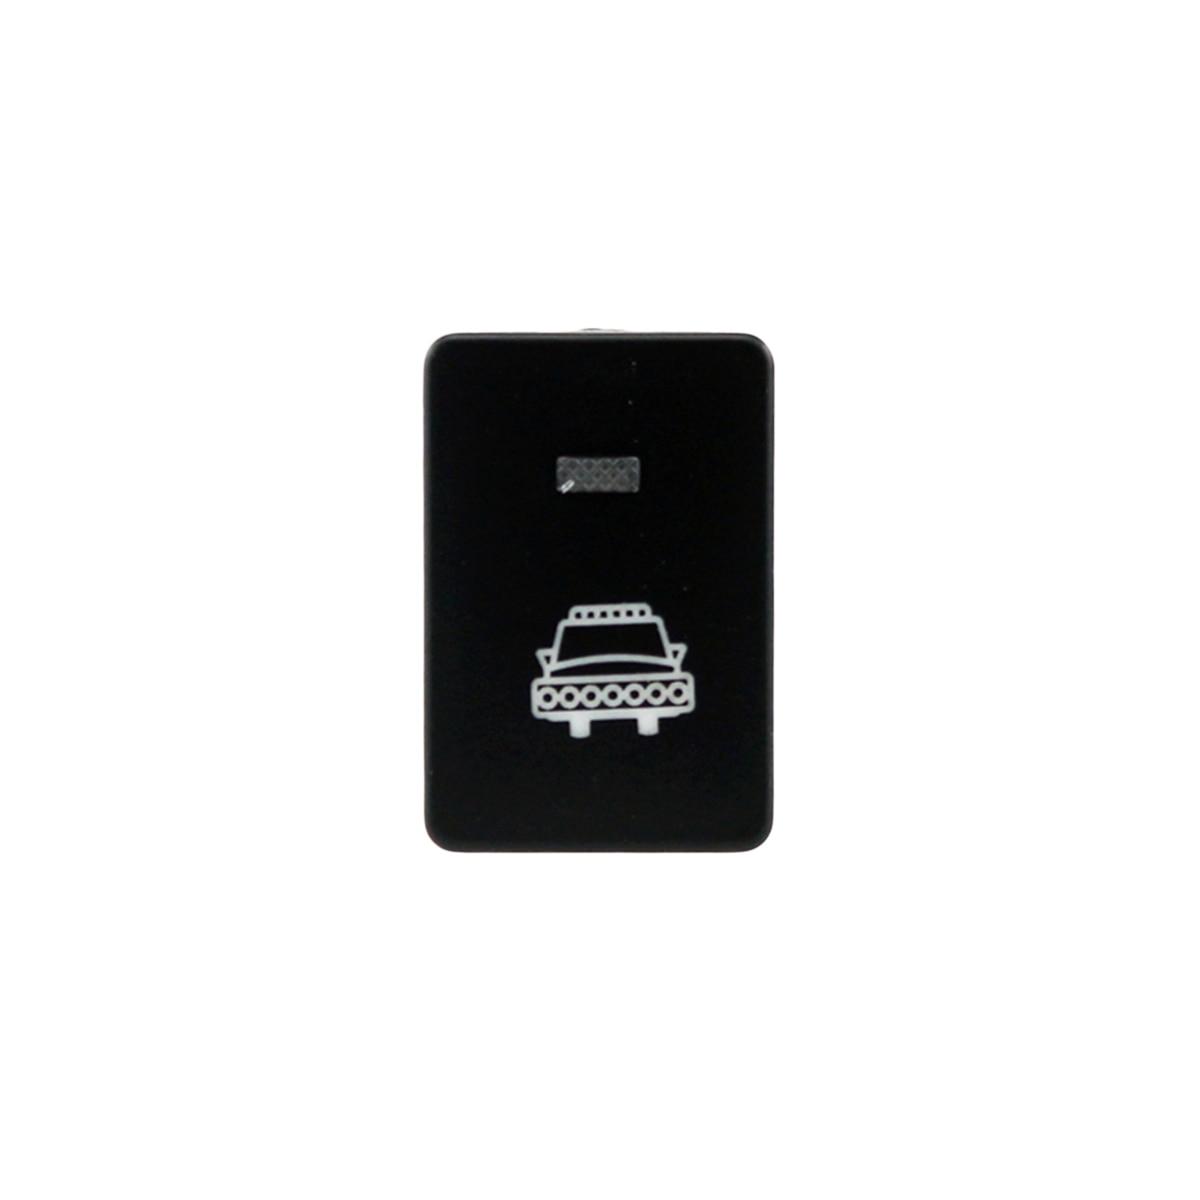 12 V Auto Auto Scheinwerfer Muster Led Push-schalter Mit 150mm Kabel Für Toyota Ralink Yaris Highlander Reiz Corolla Prius Aromatischer Geschmack